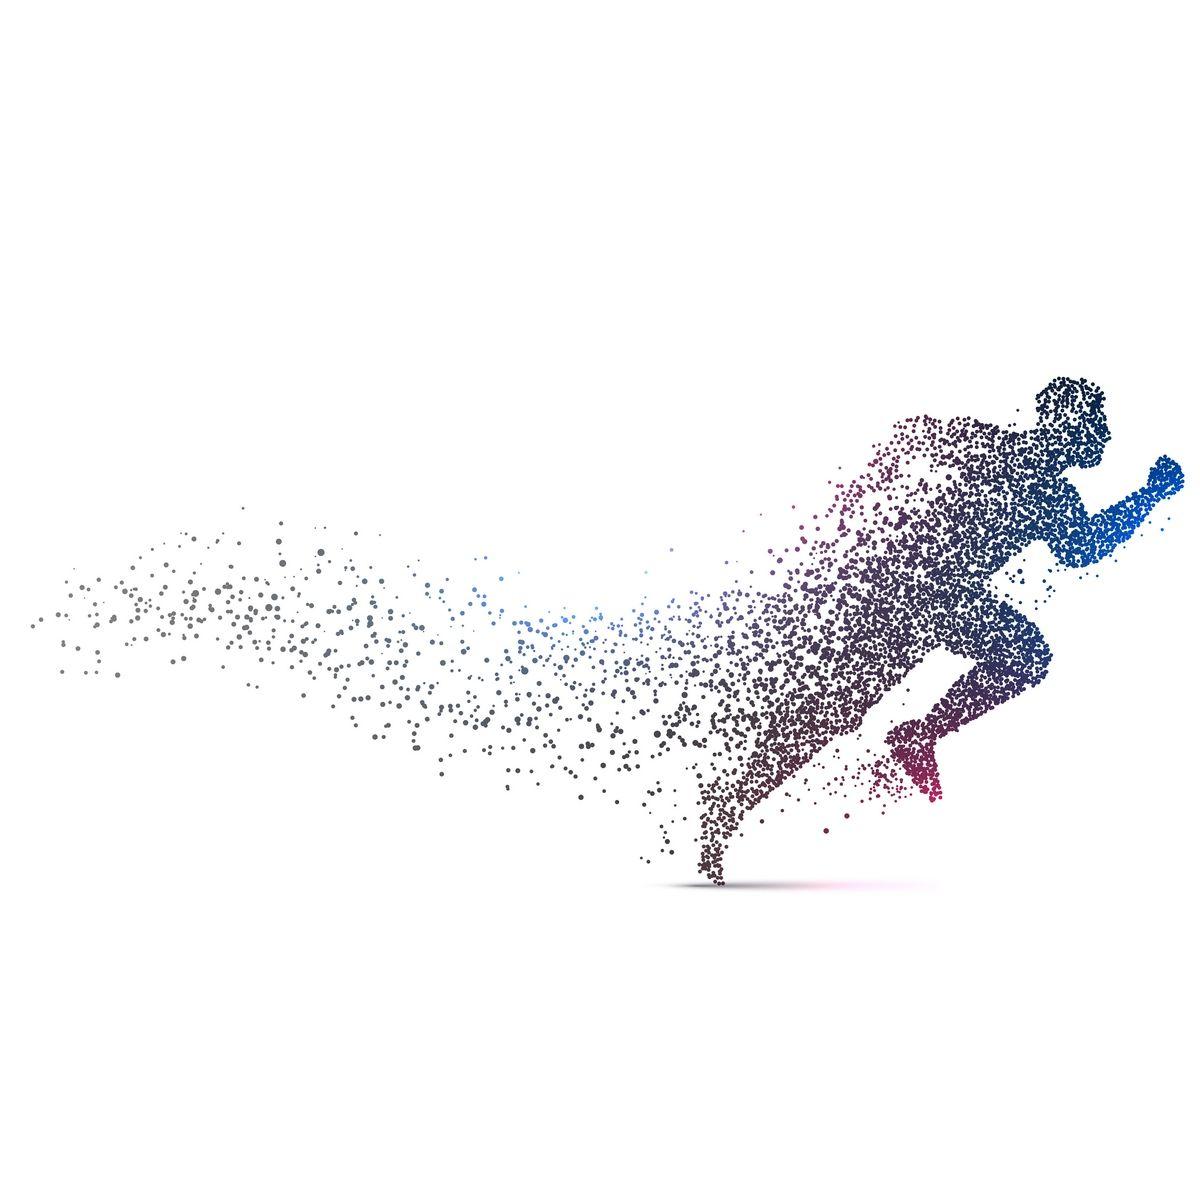 Selbst-Optimierung – Mit Bio-Hacking zum besseren ICH